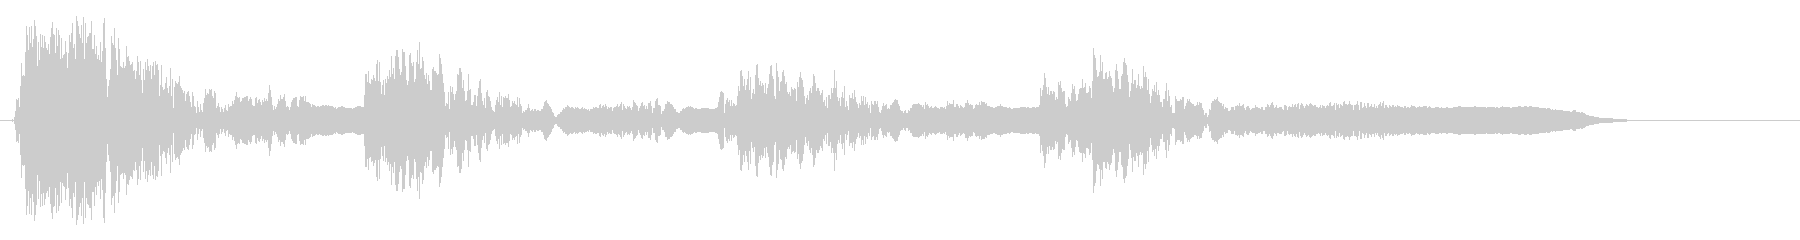 ガブガブガブガブ(食べる音)の未再生の波形